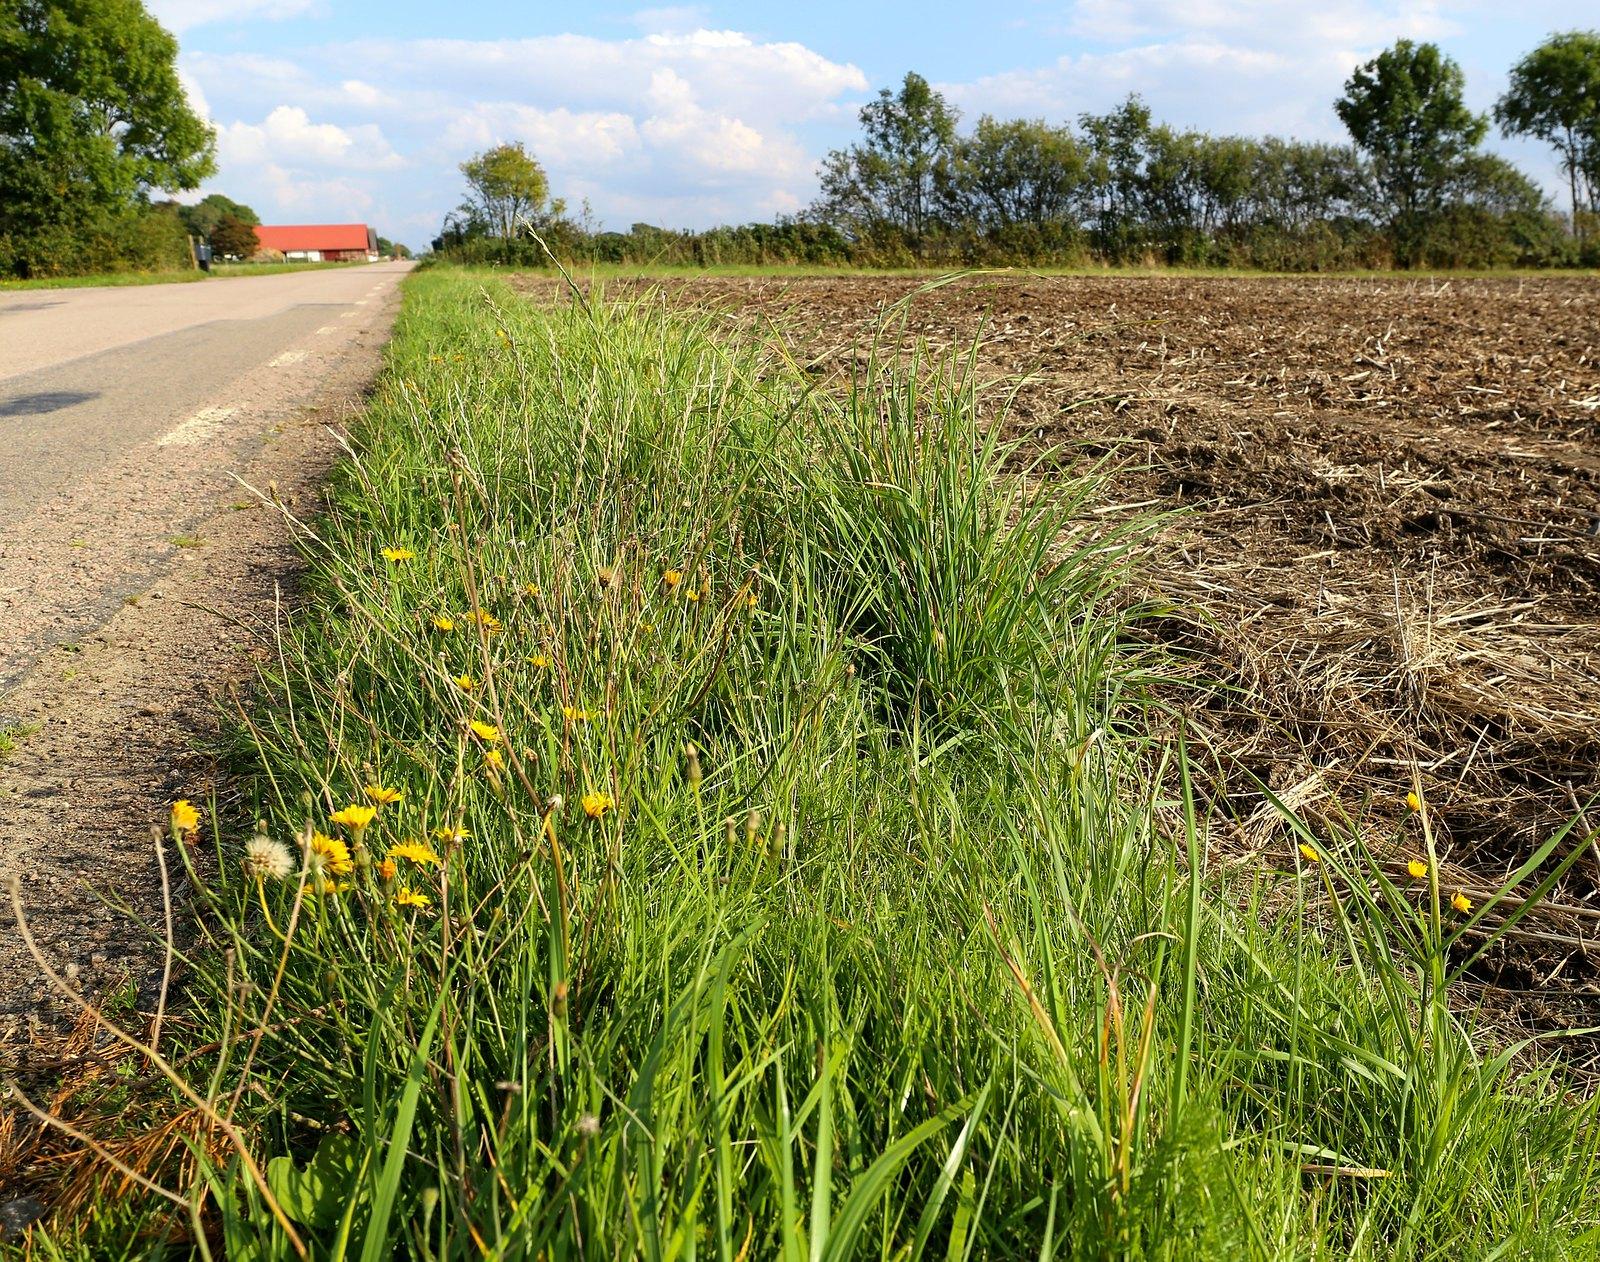 road_pixabay.com